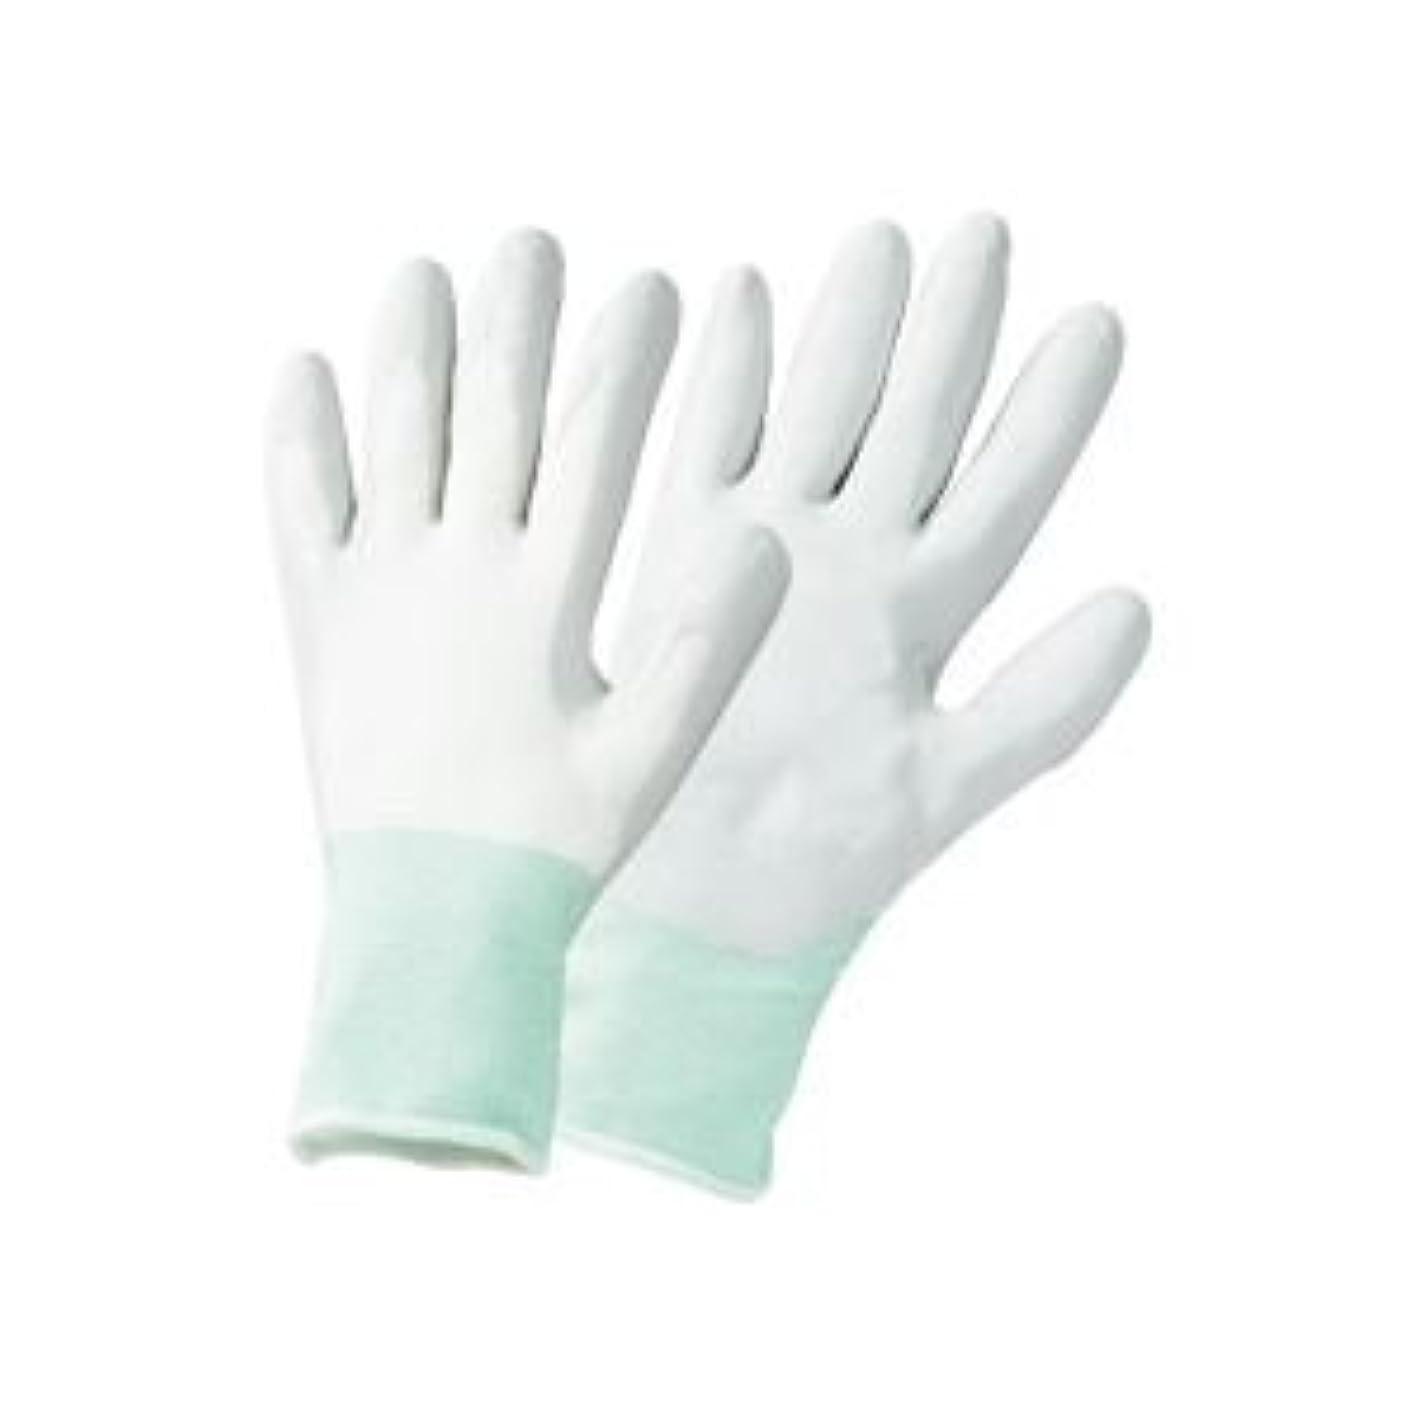 レタス保証レイア(まとめ) TANOSEE ニトリルゴム手袋薄手 L グレー 1セット(25双:5双×5パック) 【×3セット】 ds-1577353